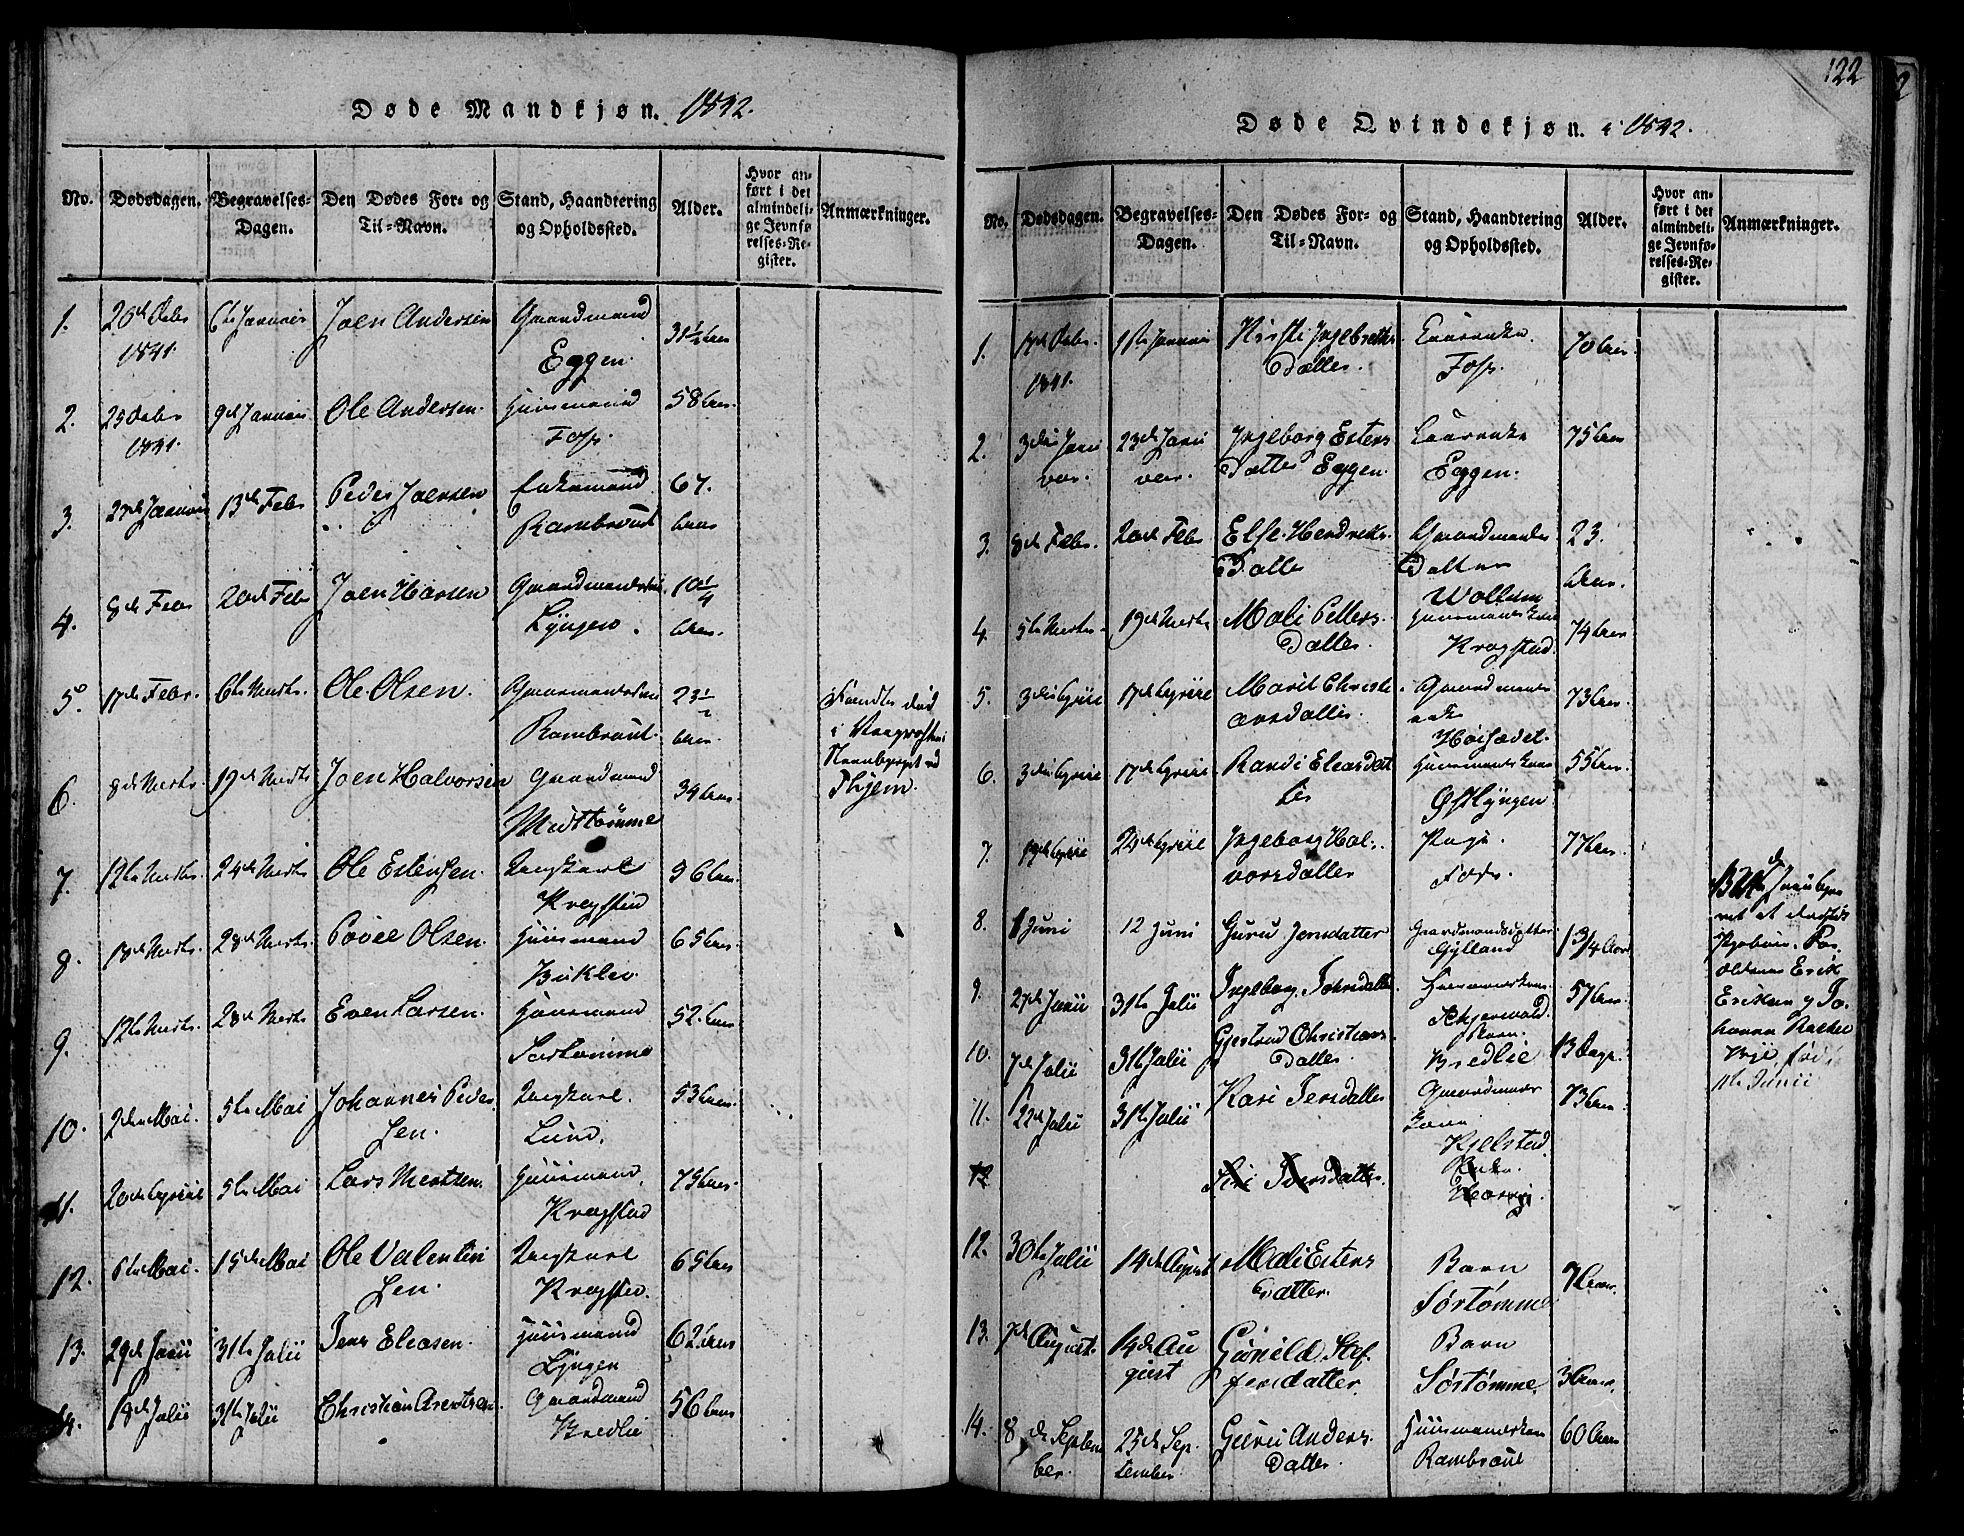 SAT, Ministerialprotokoller, klokkerbøker og fødselsregistre - Sør-Trøndelag, 692/L1102: Ministerialbok nr. 692A02, 1816-1842, s. 122